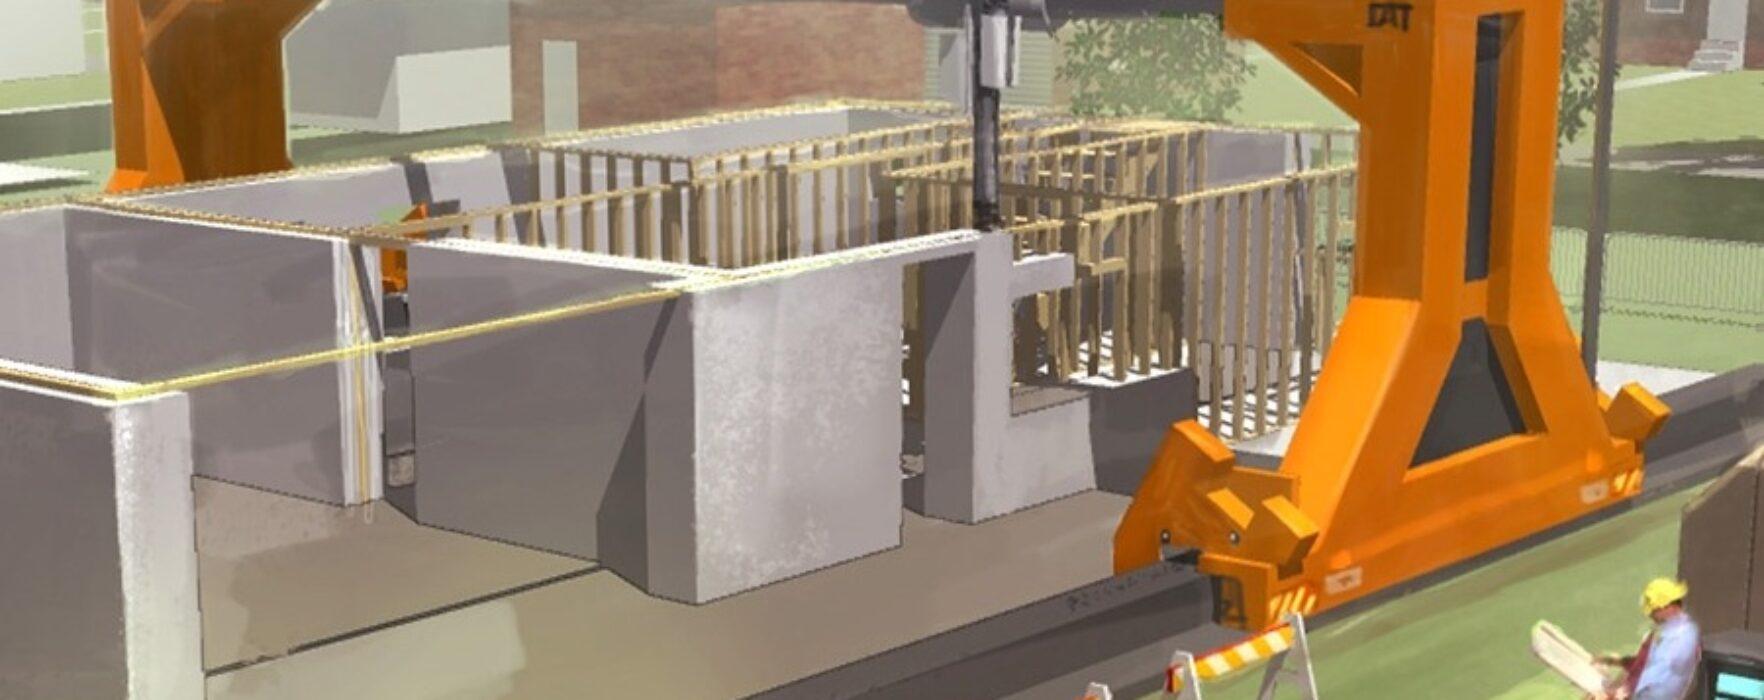 Chinezii construiesc 10 case pe zi cu o imprimantă 3D (video)